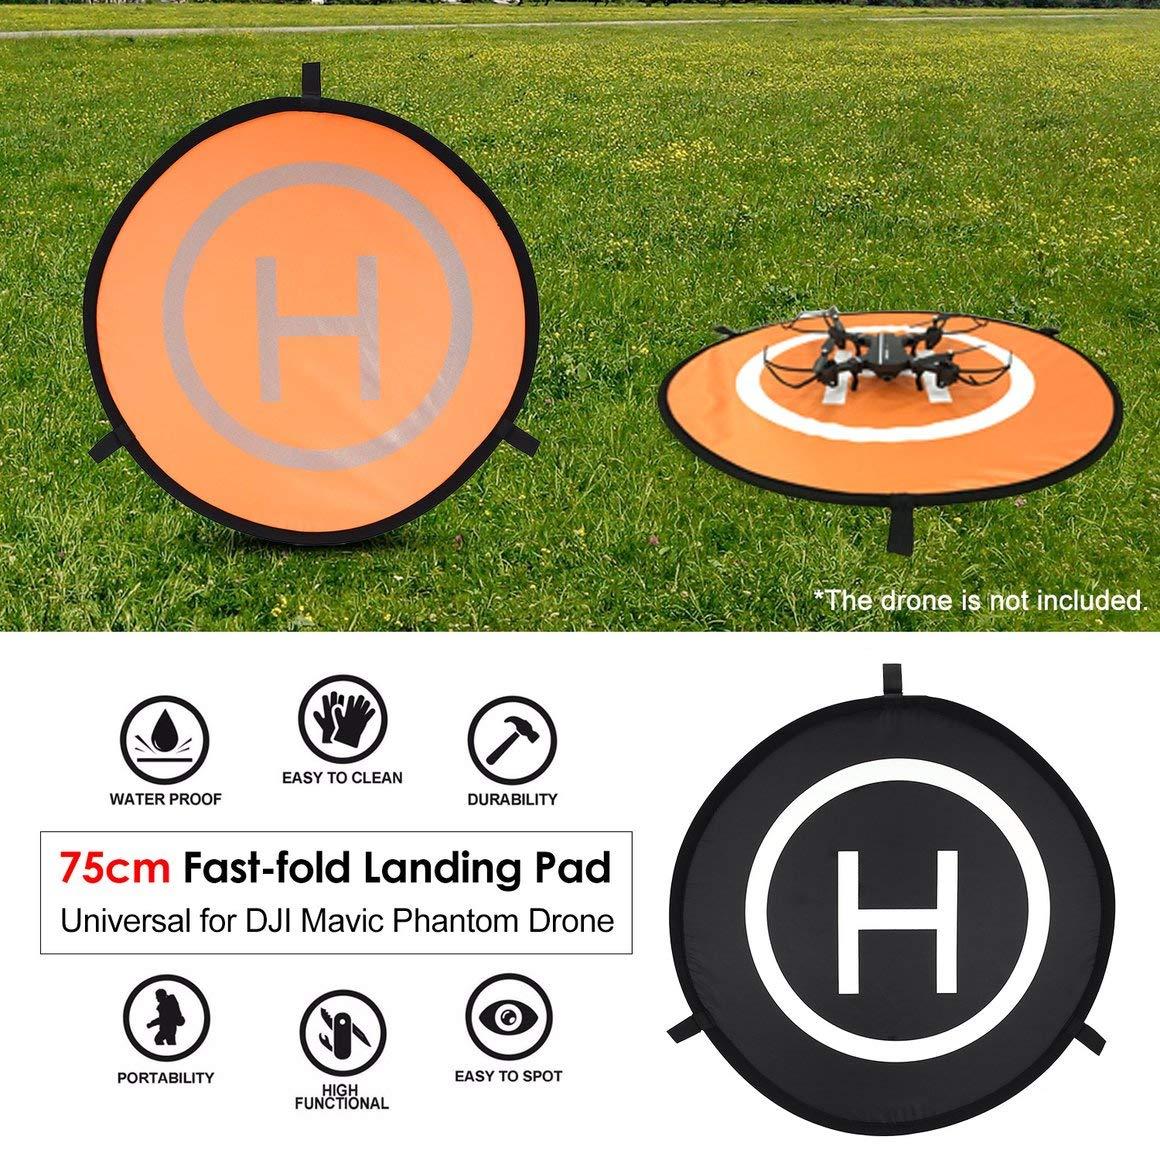 Arancione e Nero Funnyrunstore 75 Centimetri Landing Pad Veloce Universale FPV Drone parcheggio Grembiule Impermeabile Pad per DJI Spark Mavic FPV Racing Drone Helicopter-